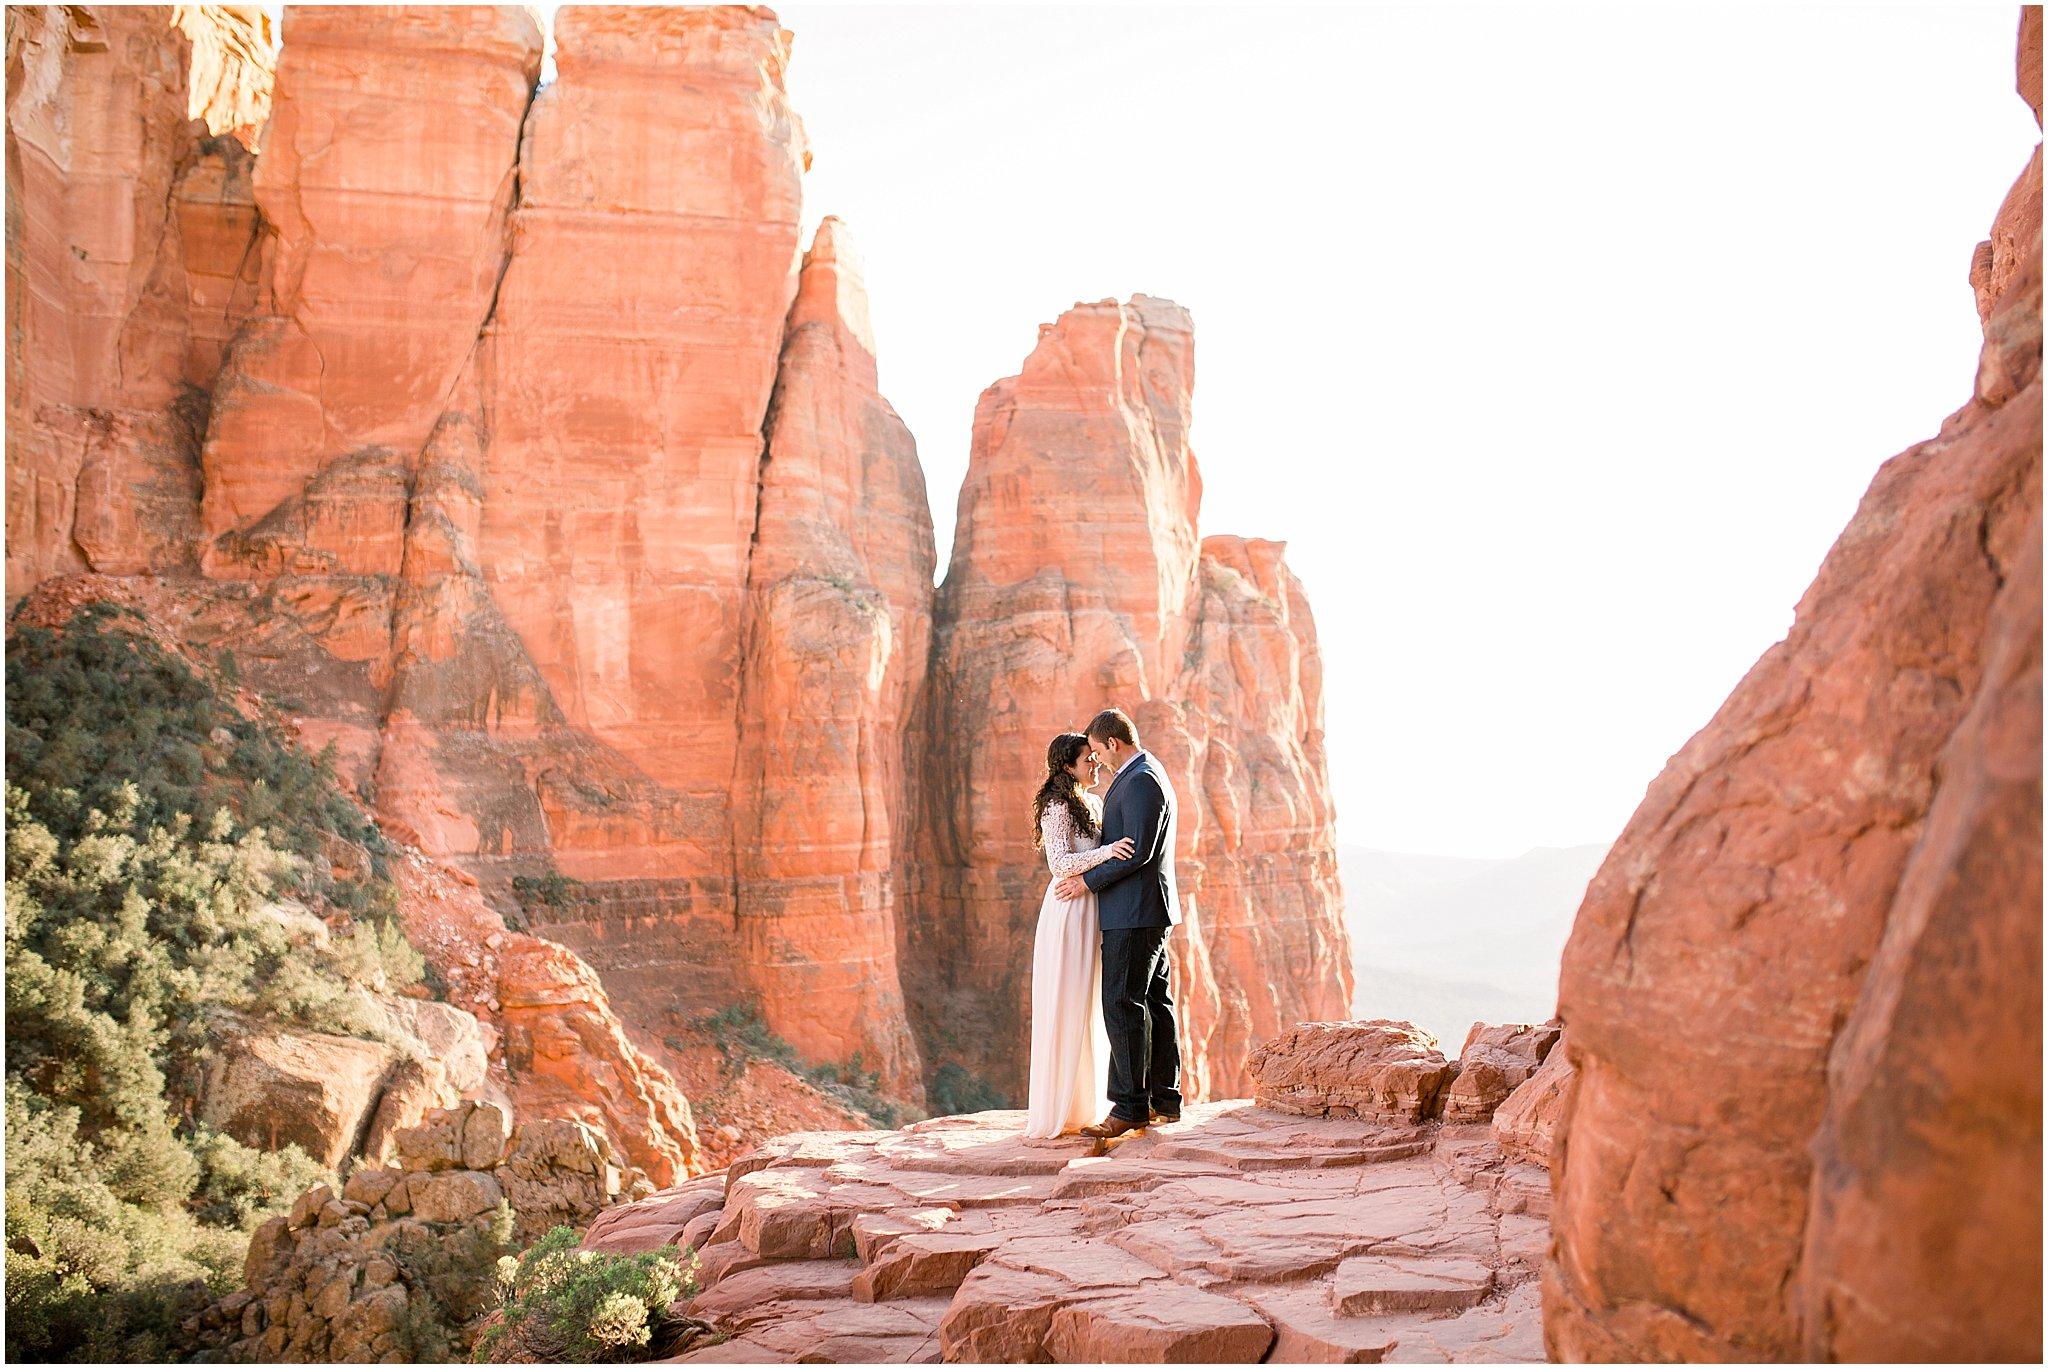 sedona-arizona-engagement-photographer_0022.jpg